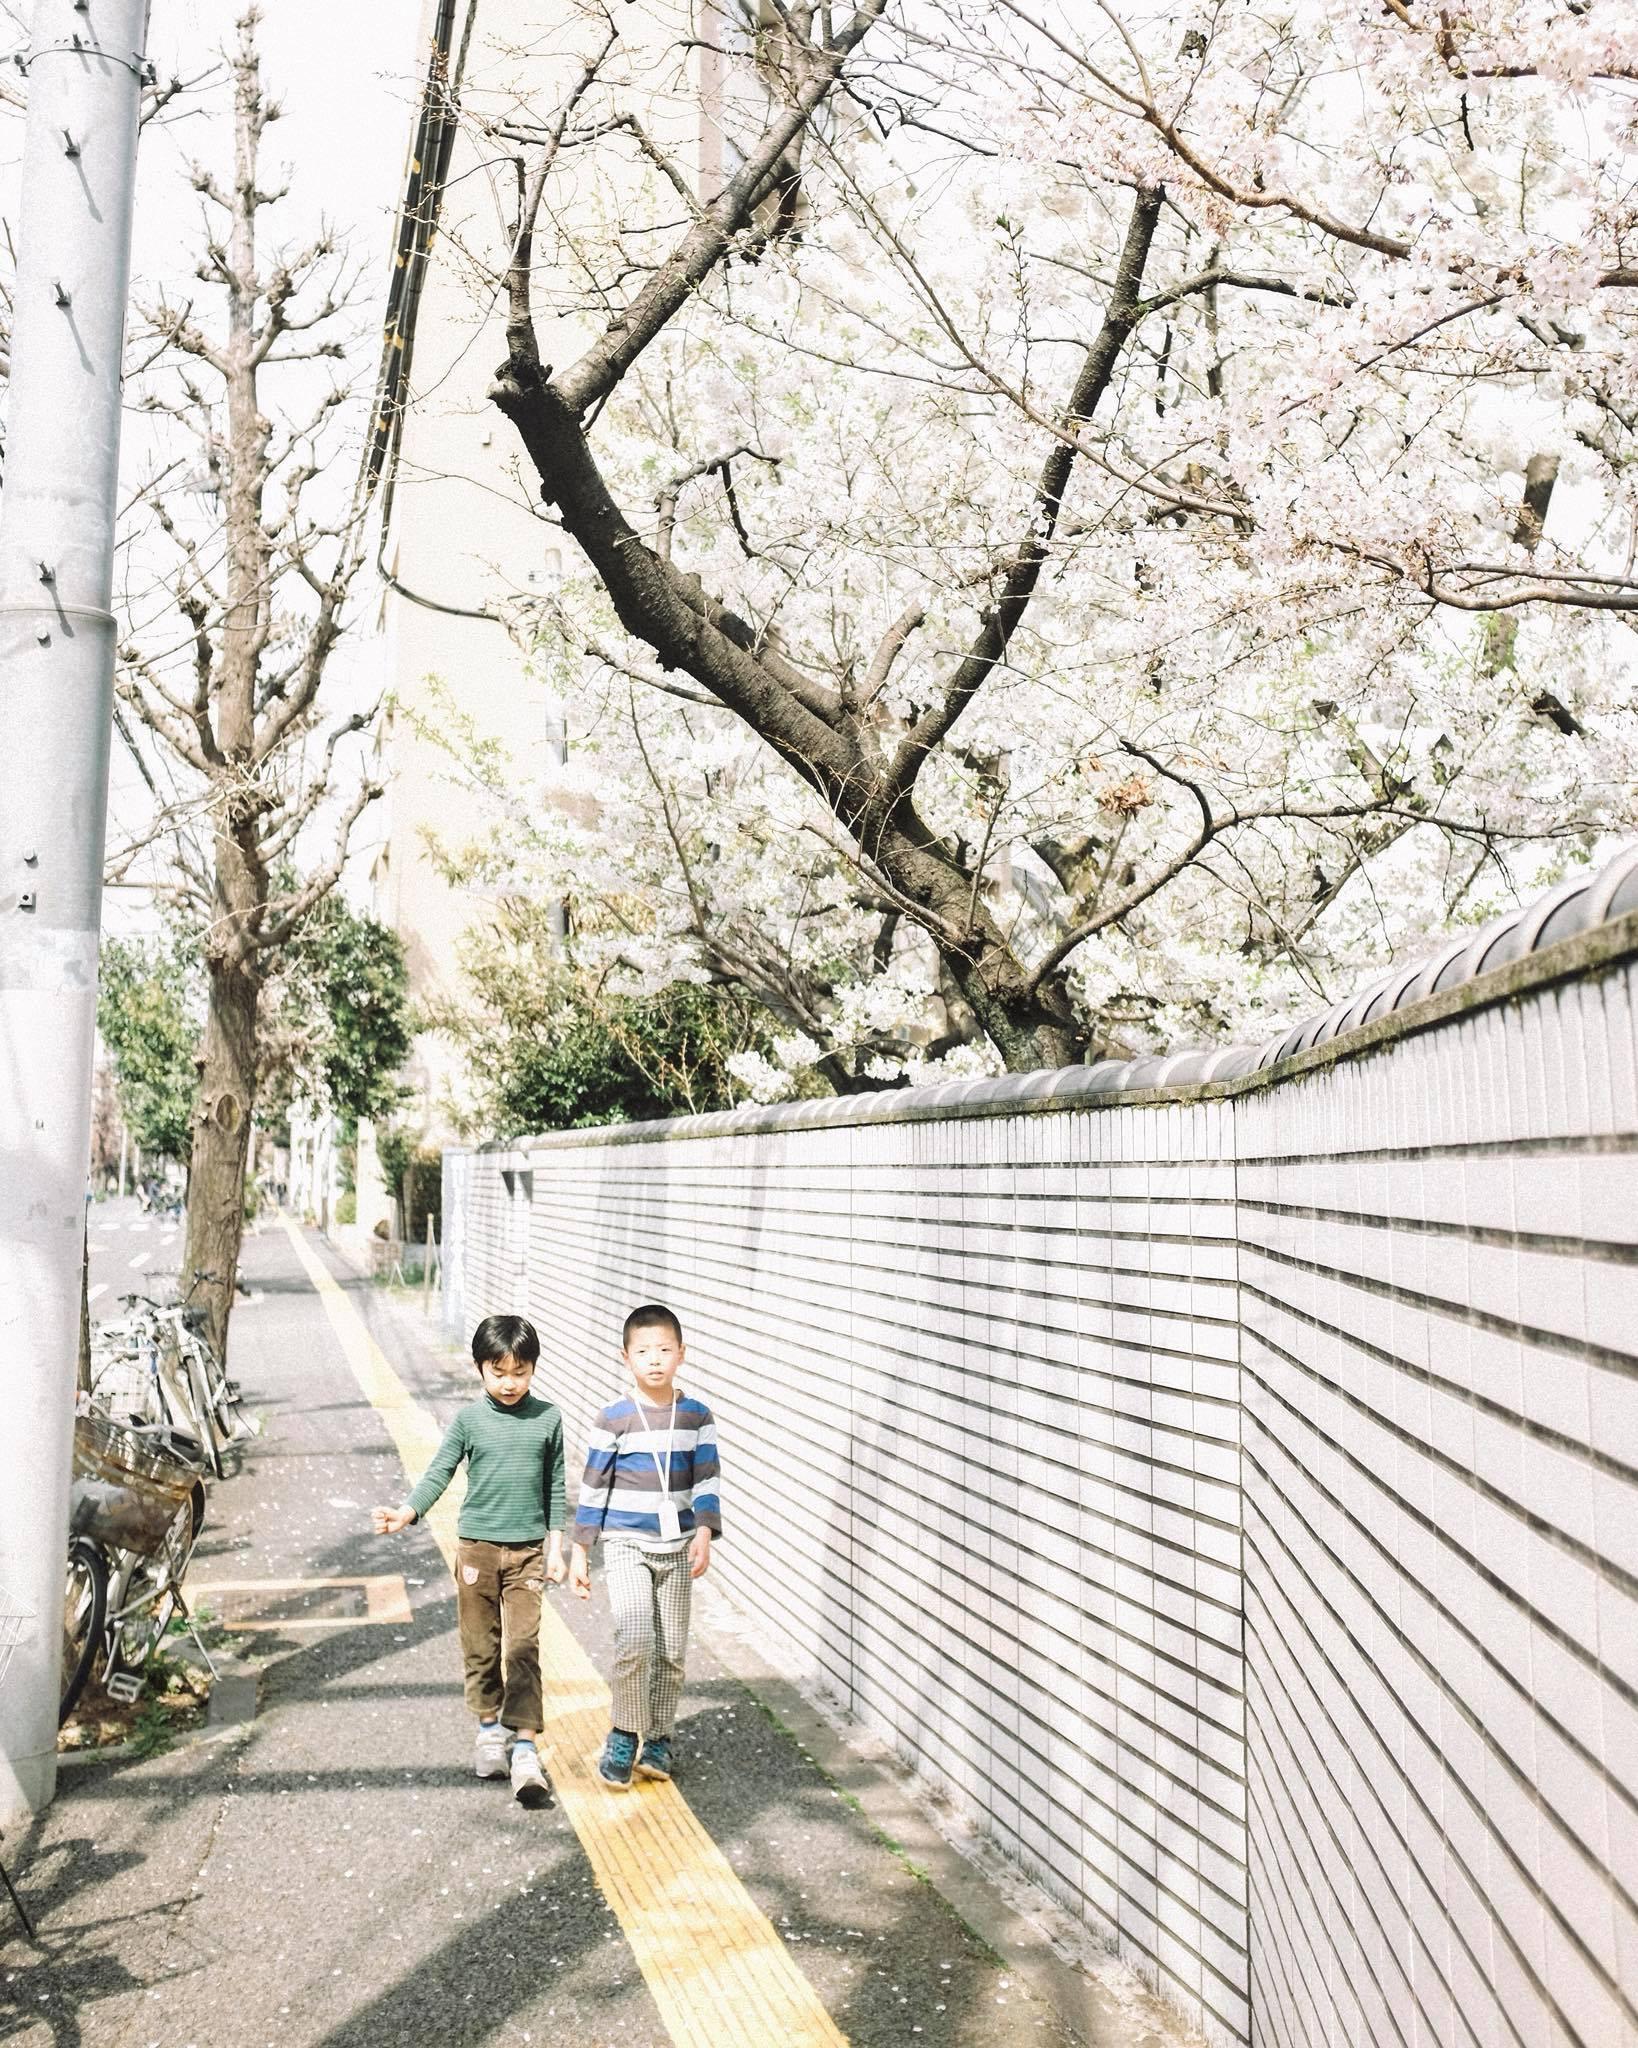 Chẳng ai rời mắt được những bức hình chụp Nhật Bản rất bình yên và trong trẻo của chàng trai Việt Nam này - Ảnh 9.